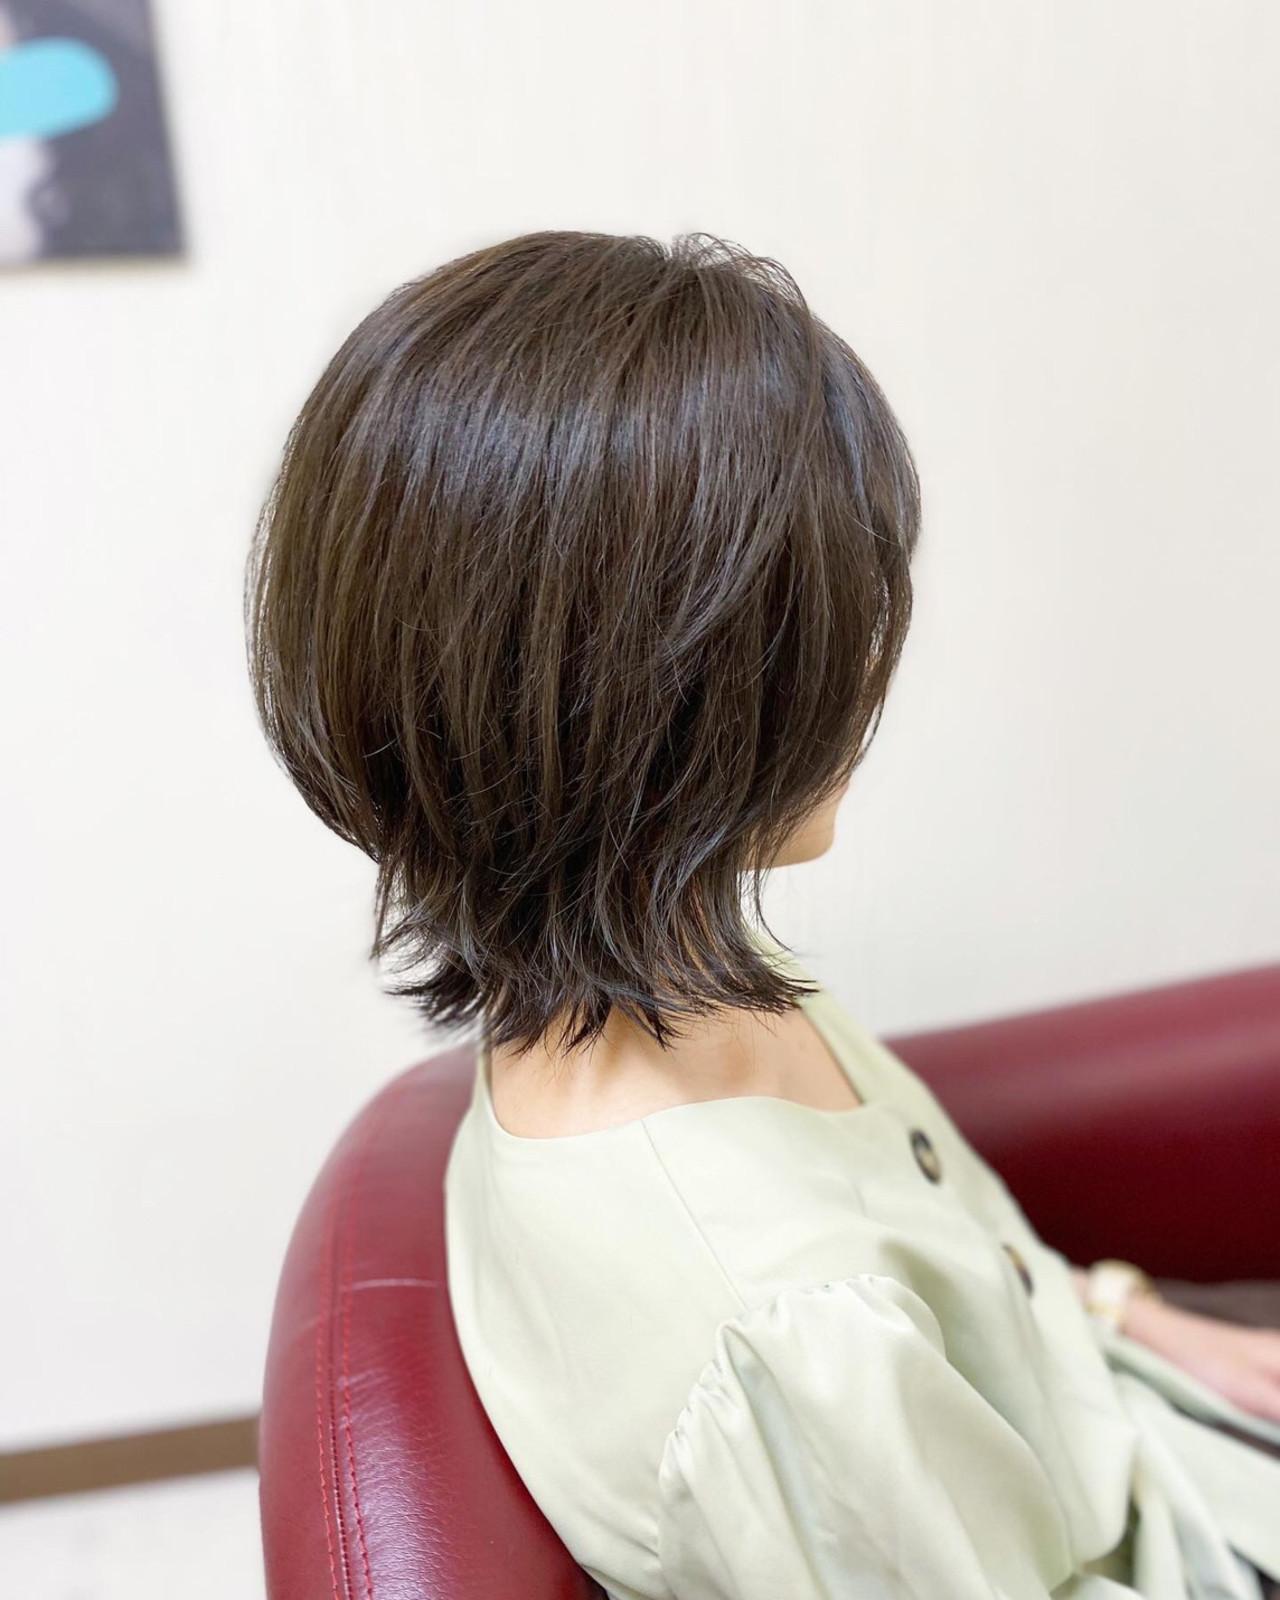 ナチュラル ボブ ウルフカット ミニボブ ヘアスタイルや髪型の写真・画像